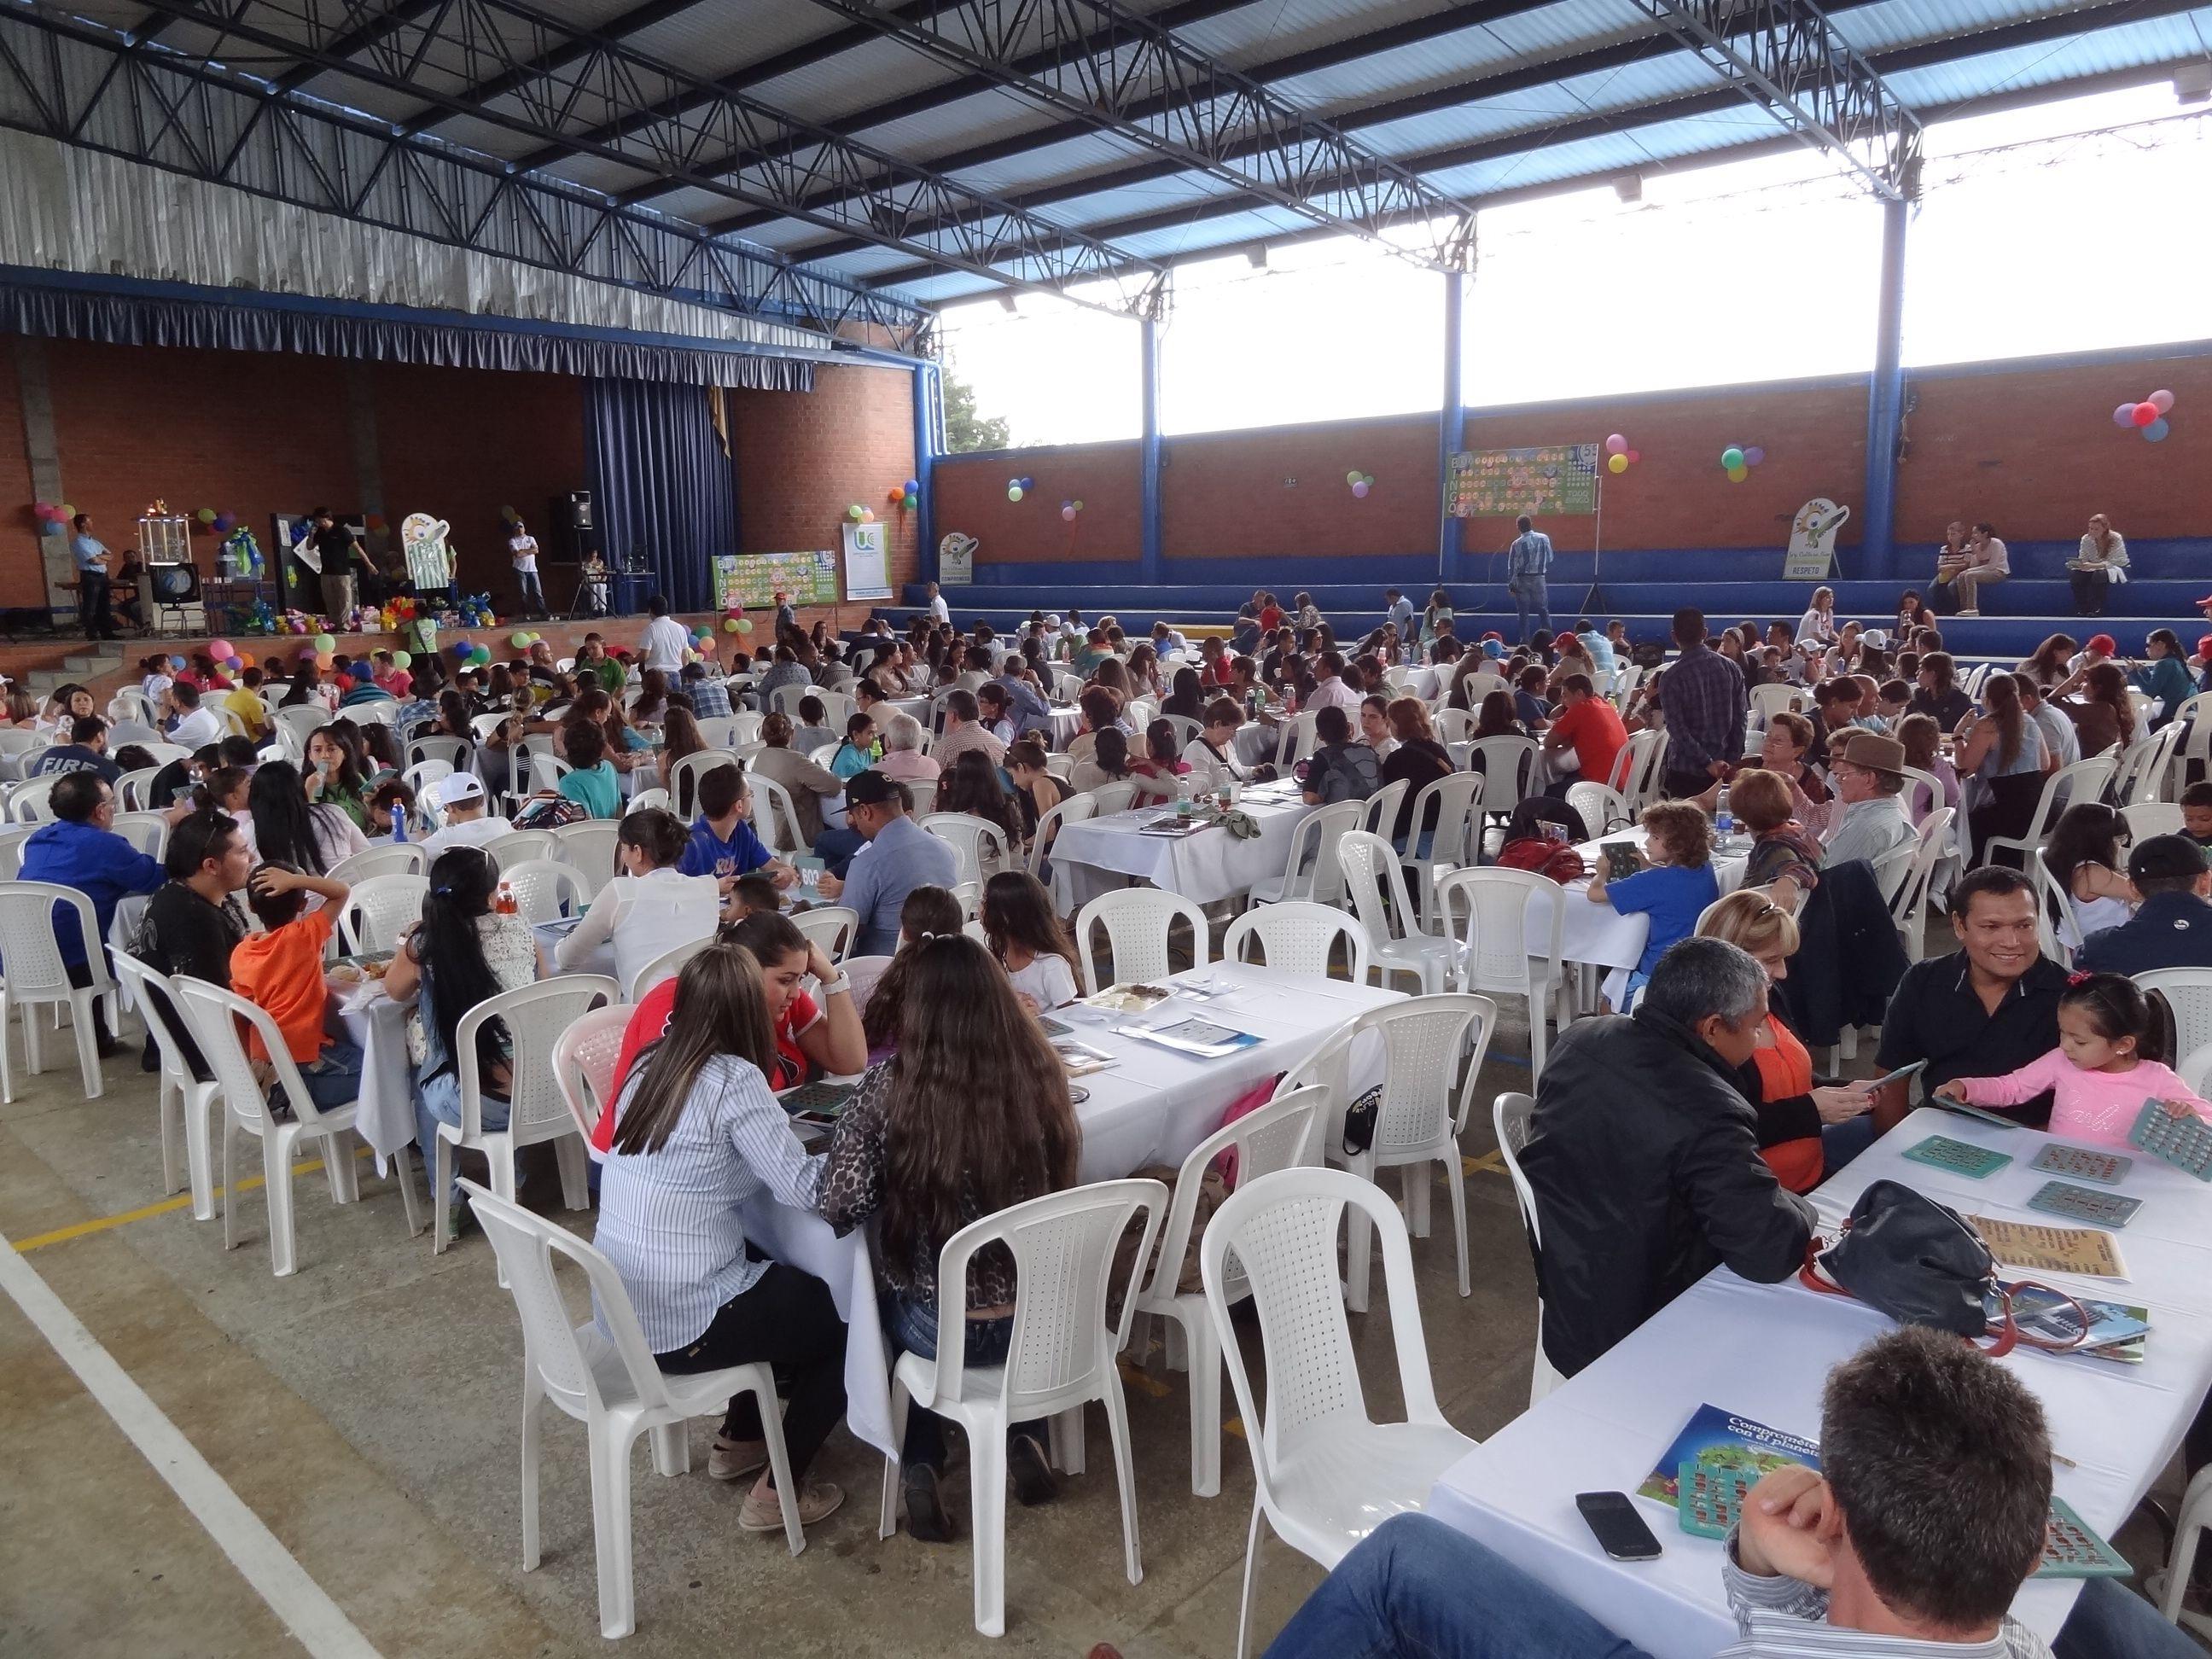 Excelente capacidad de convocatoria a los eventos institucionales. En la foto observamos nuestras familias durante el evento de ASPANS.